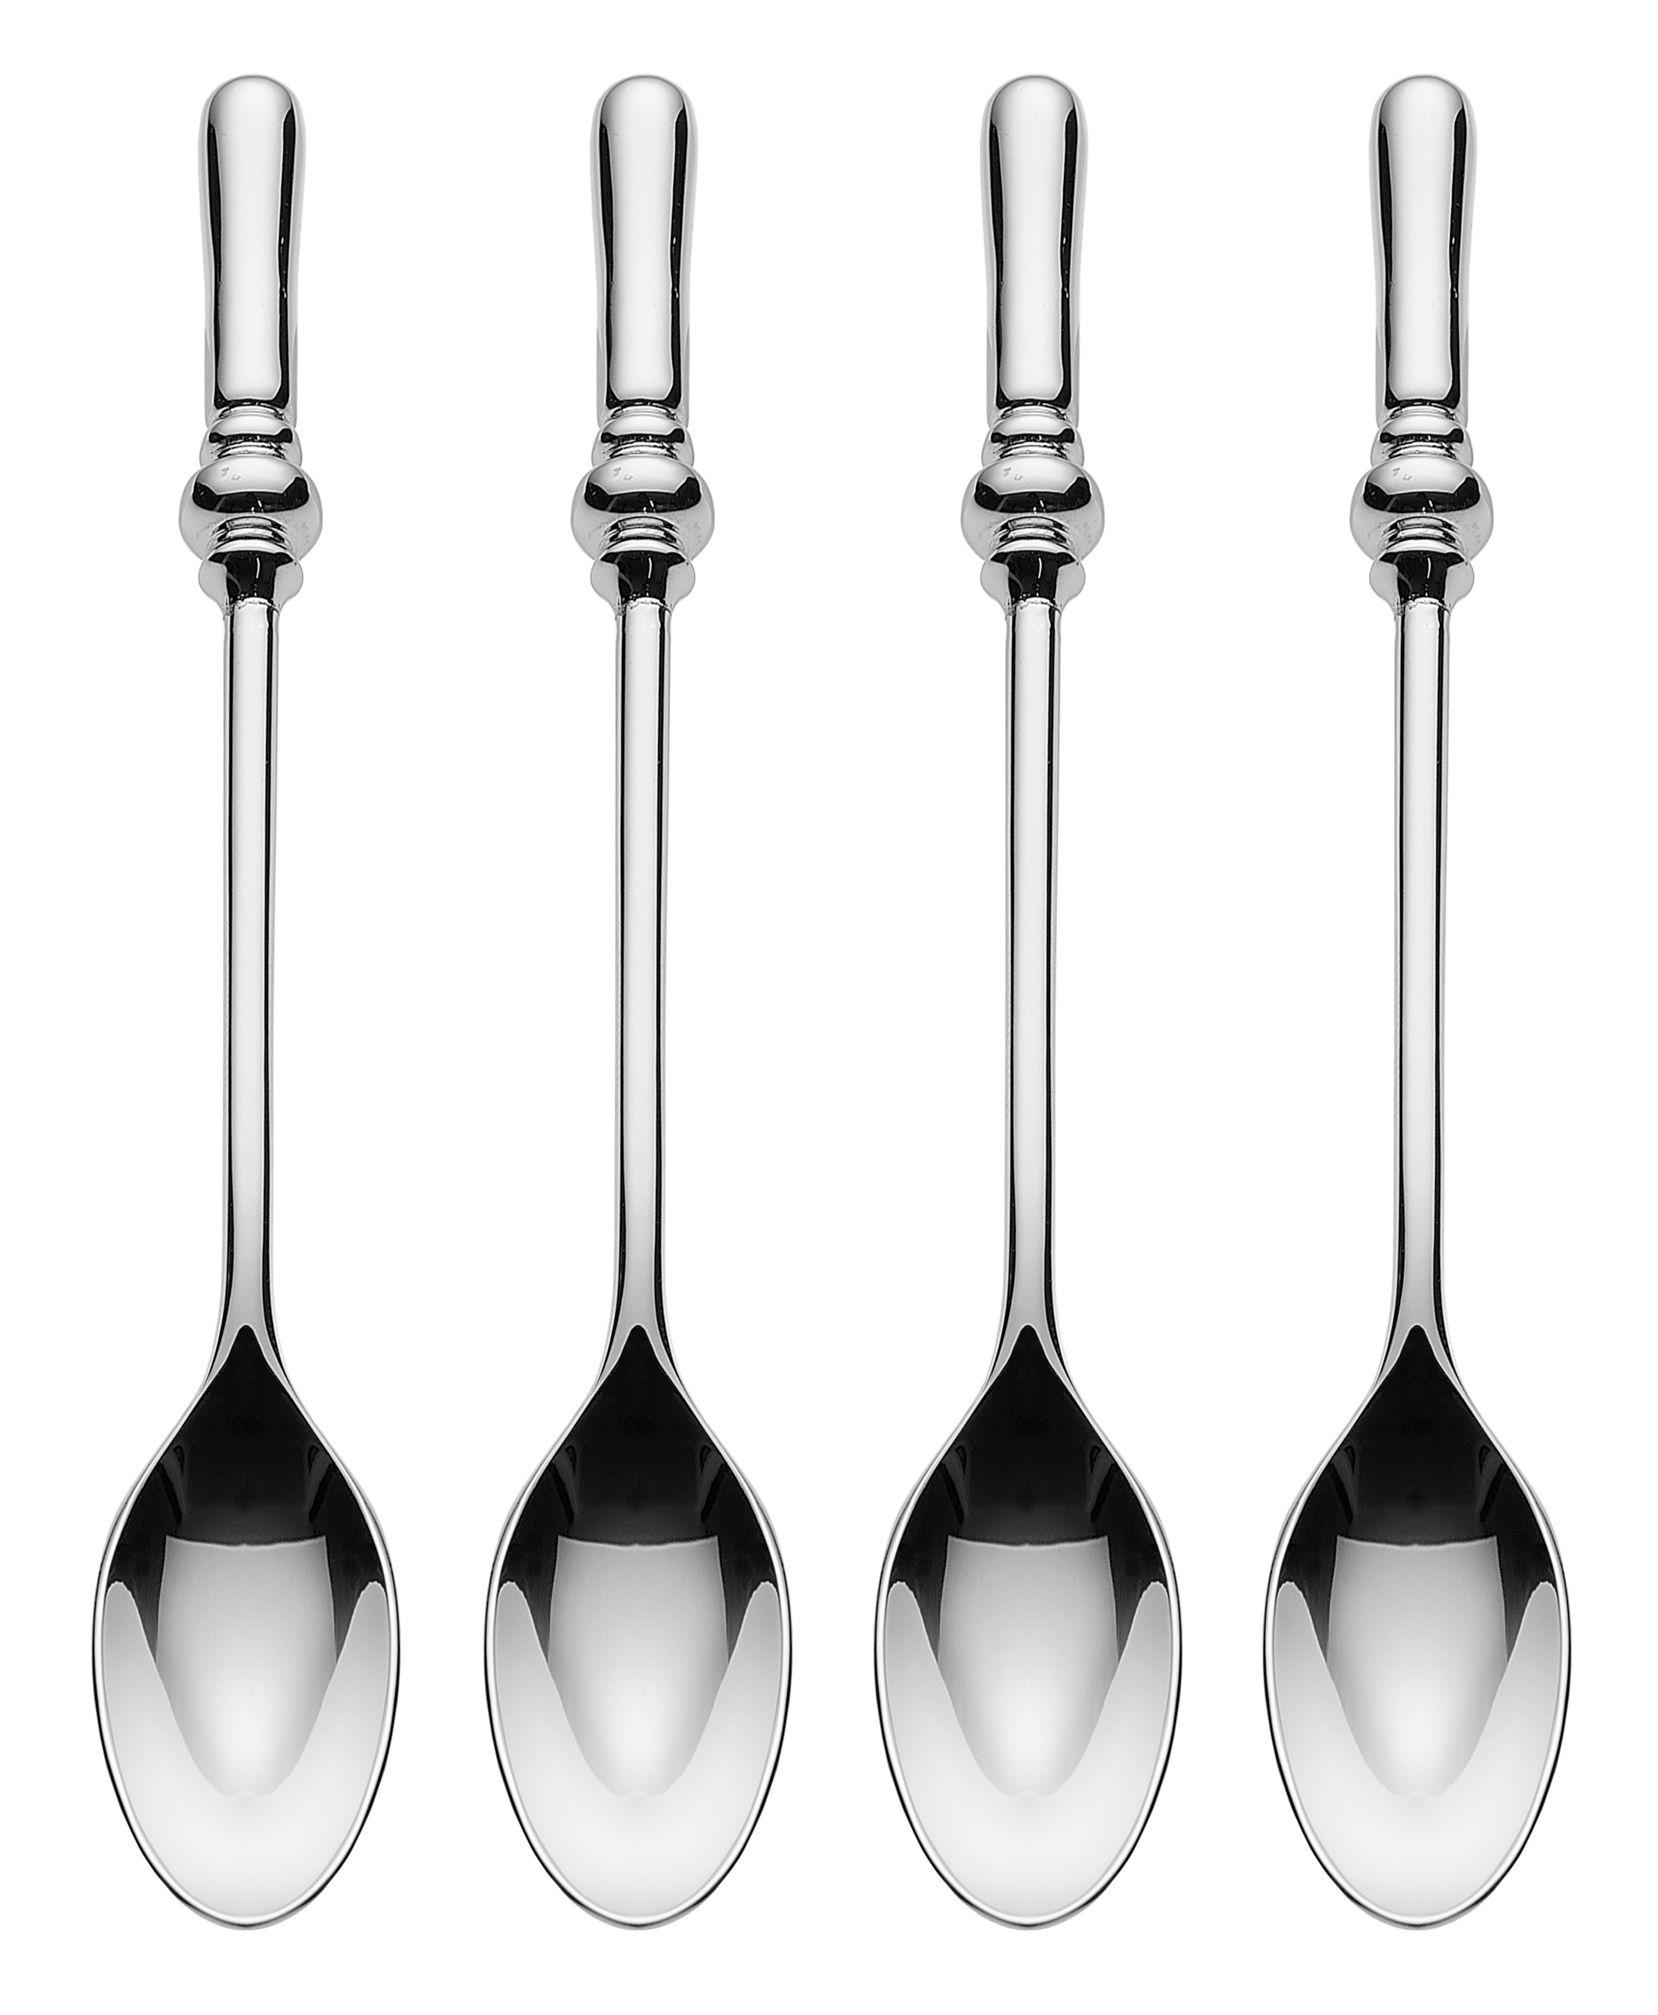 Arts de la table - Couverts de table - Cuillère à café Dressed / Set de 4 - Alessi - Inox - Acier inoxydable